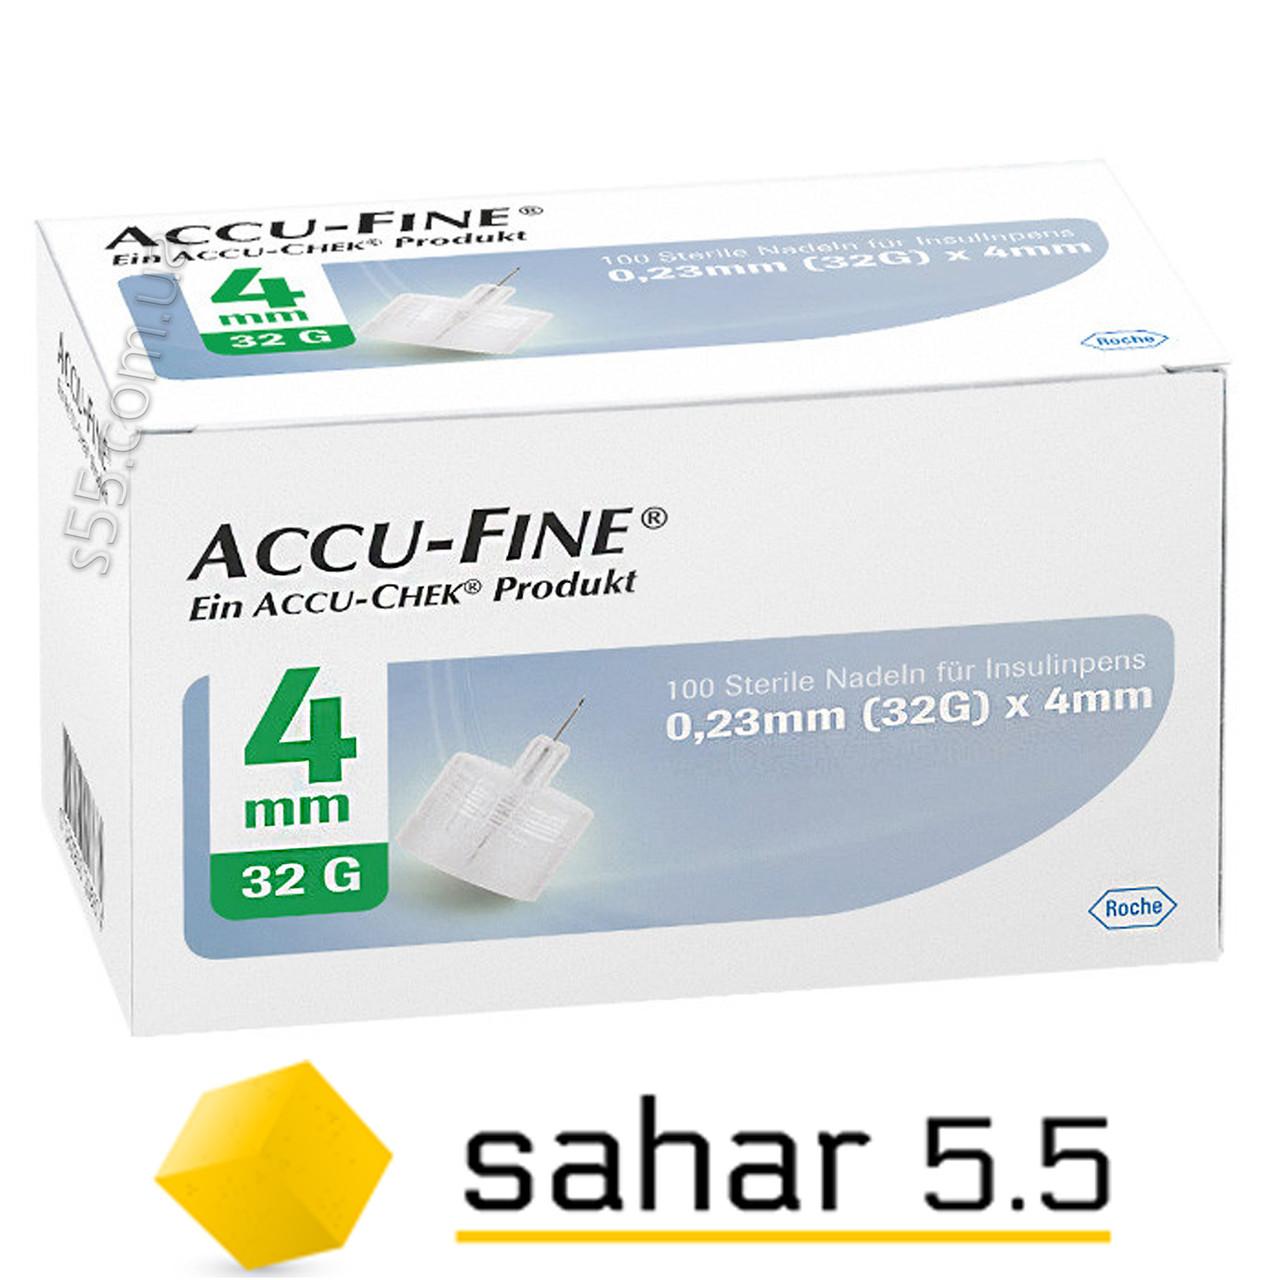 Иглы инсулиновые Акку-Файн 4мм, 100шт. - Accu - Fine32G